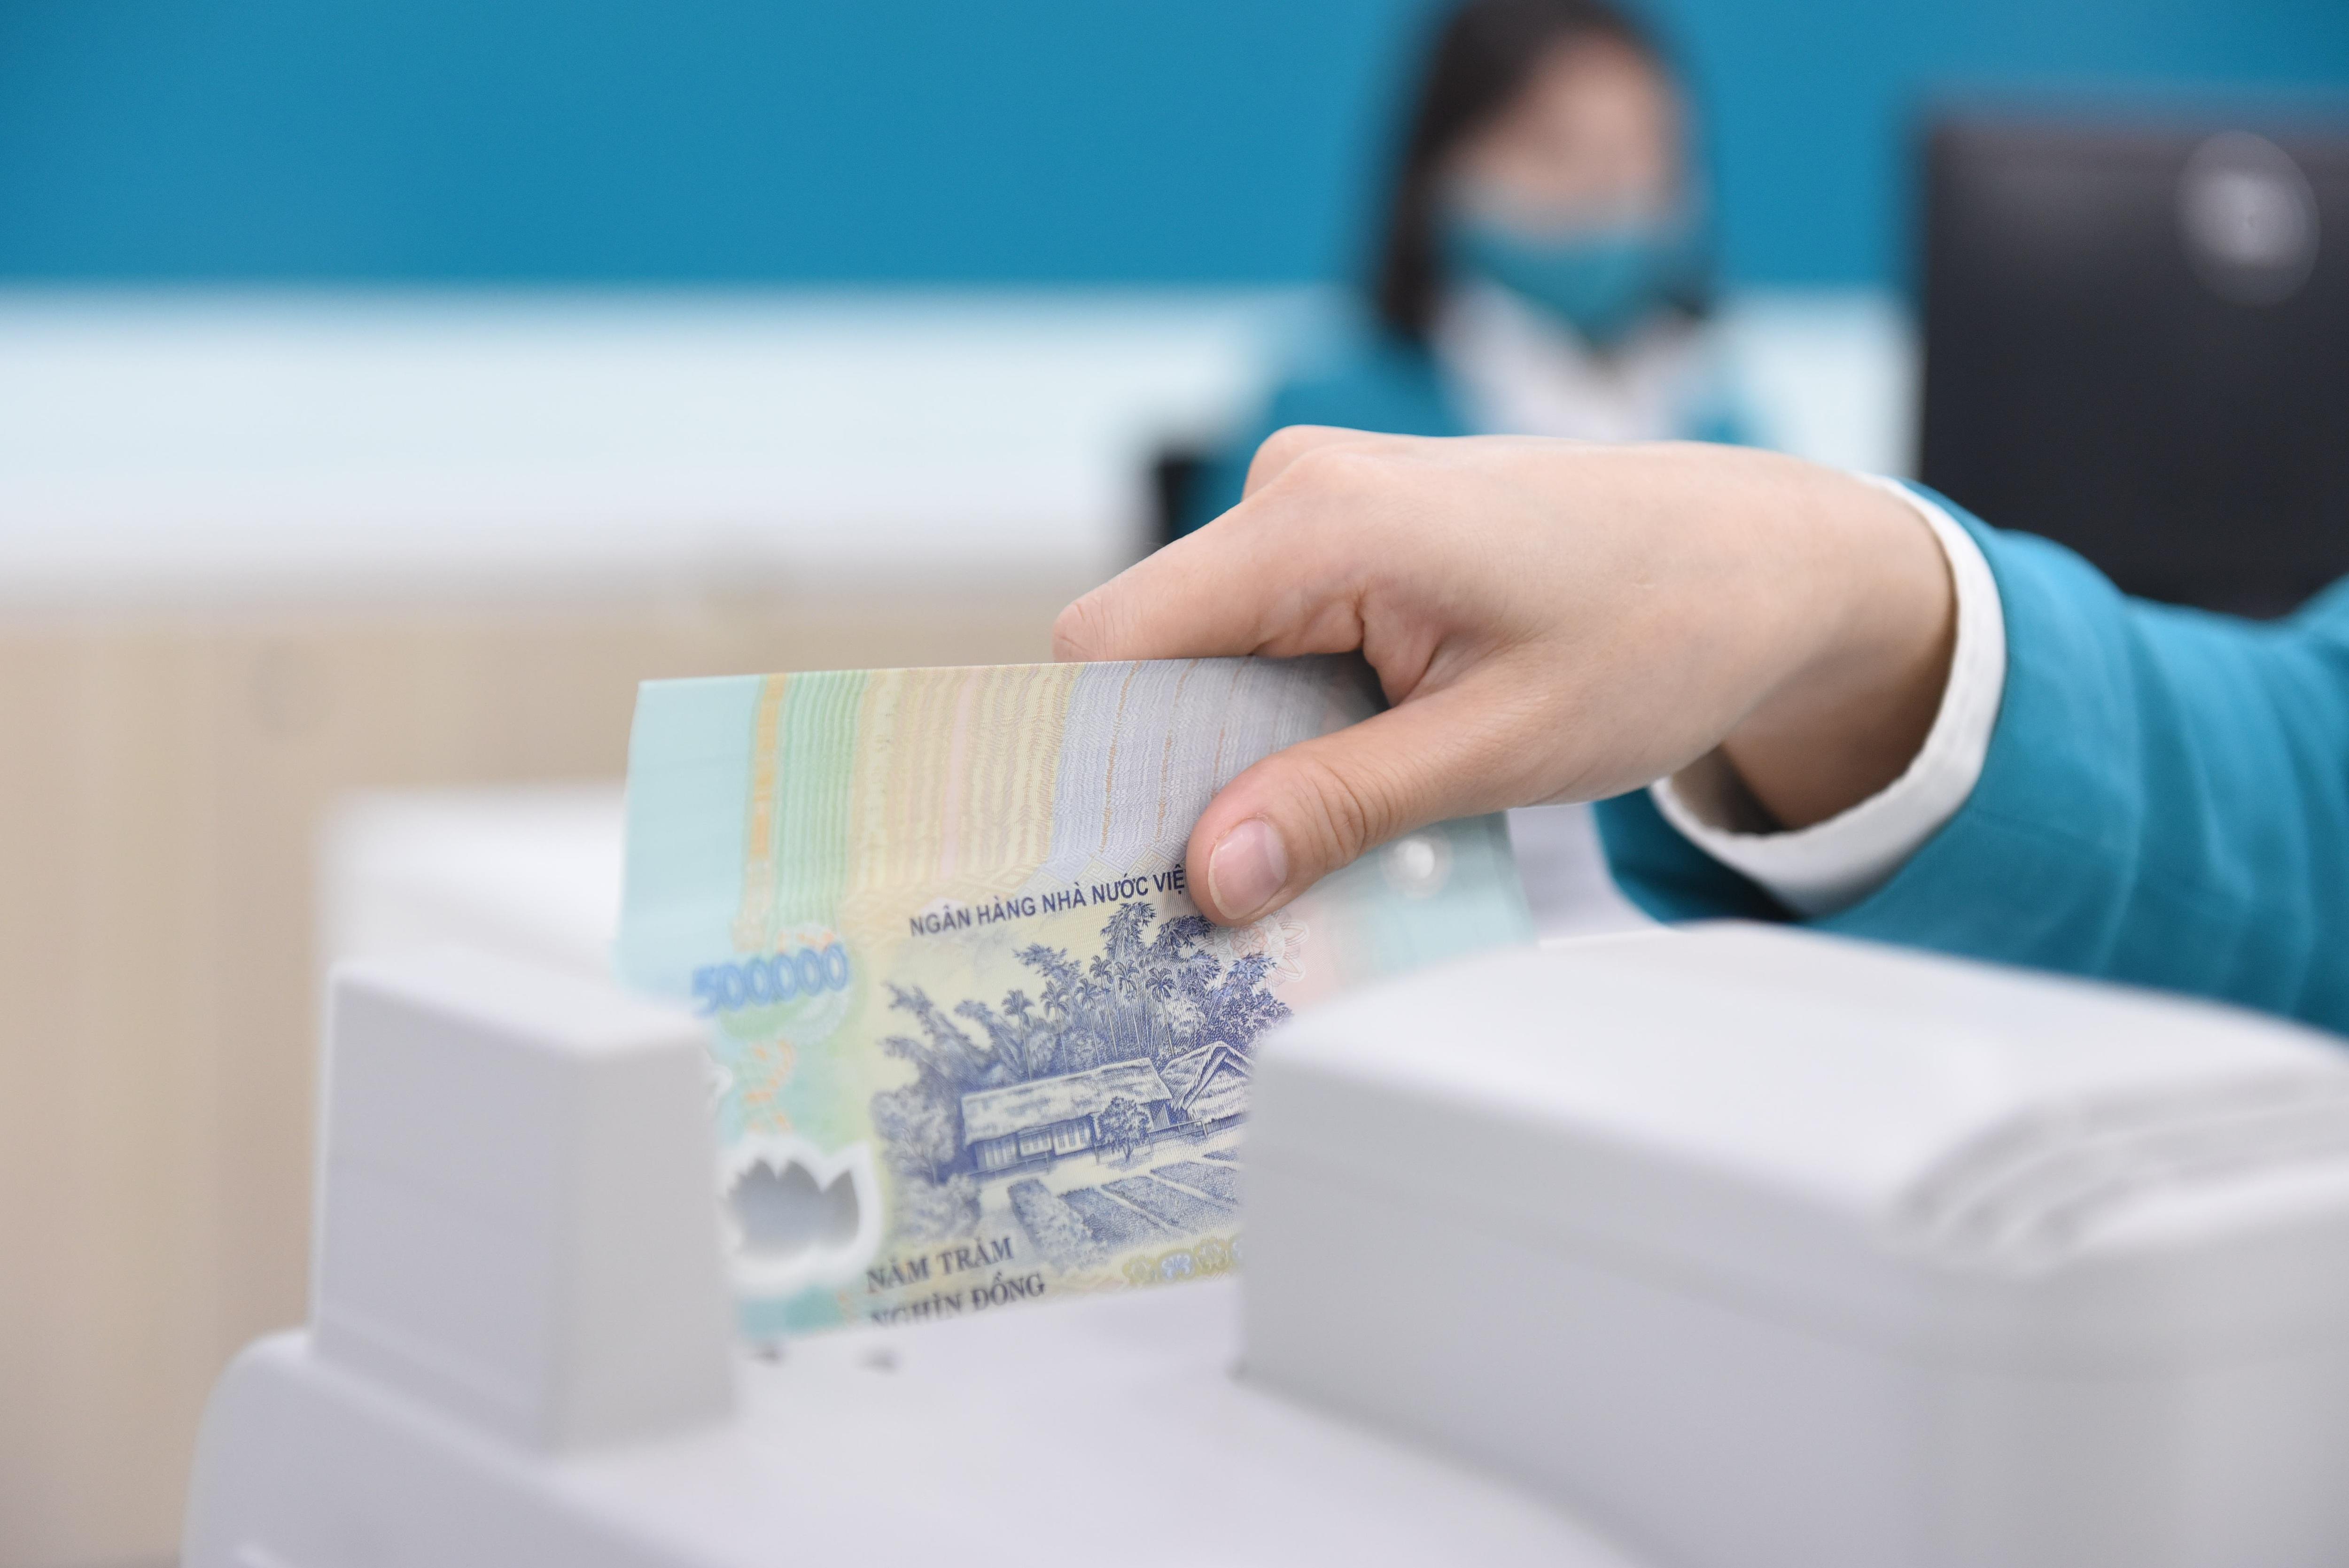 Thưởng Tết ngân hàng: Nhận hàng trăm triệu đồng hay bánh chưng, giò chả?